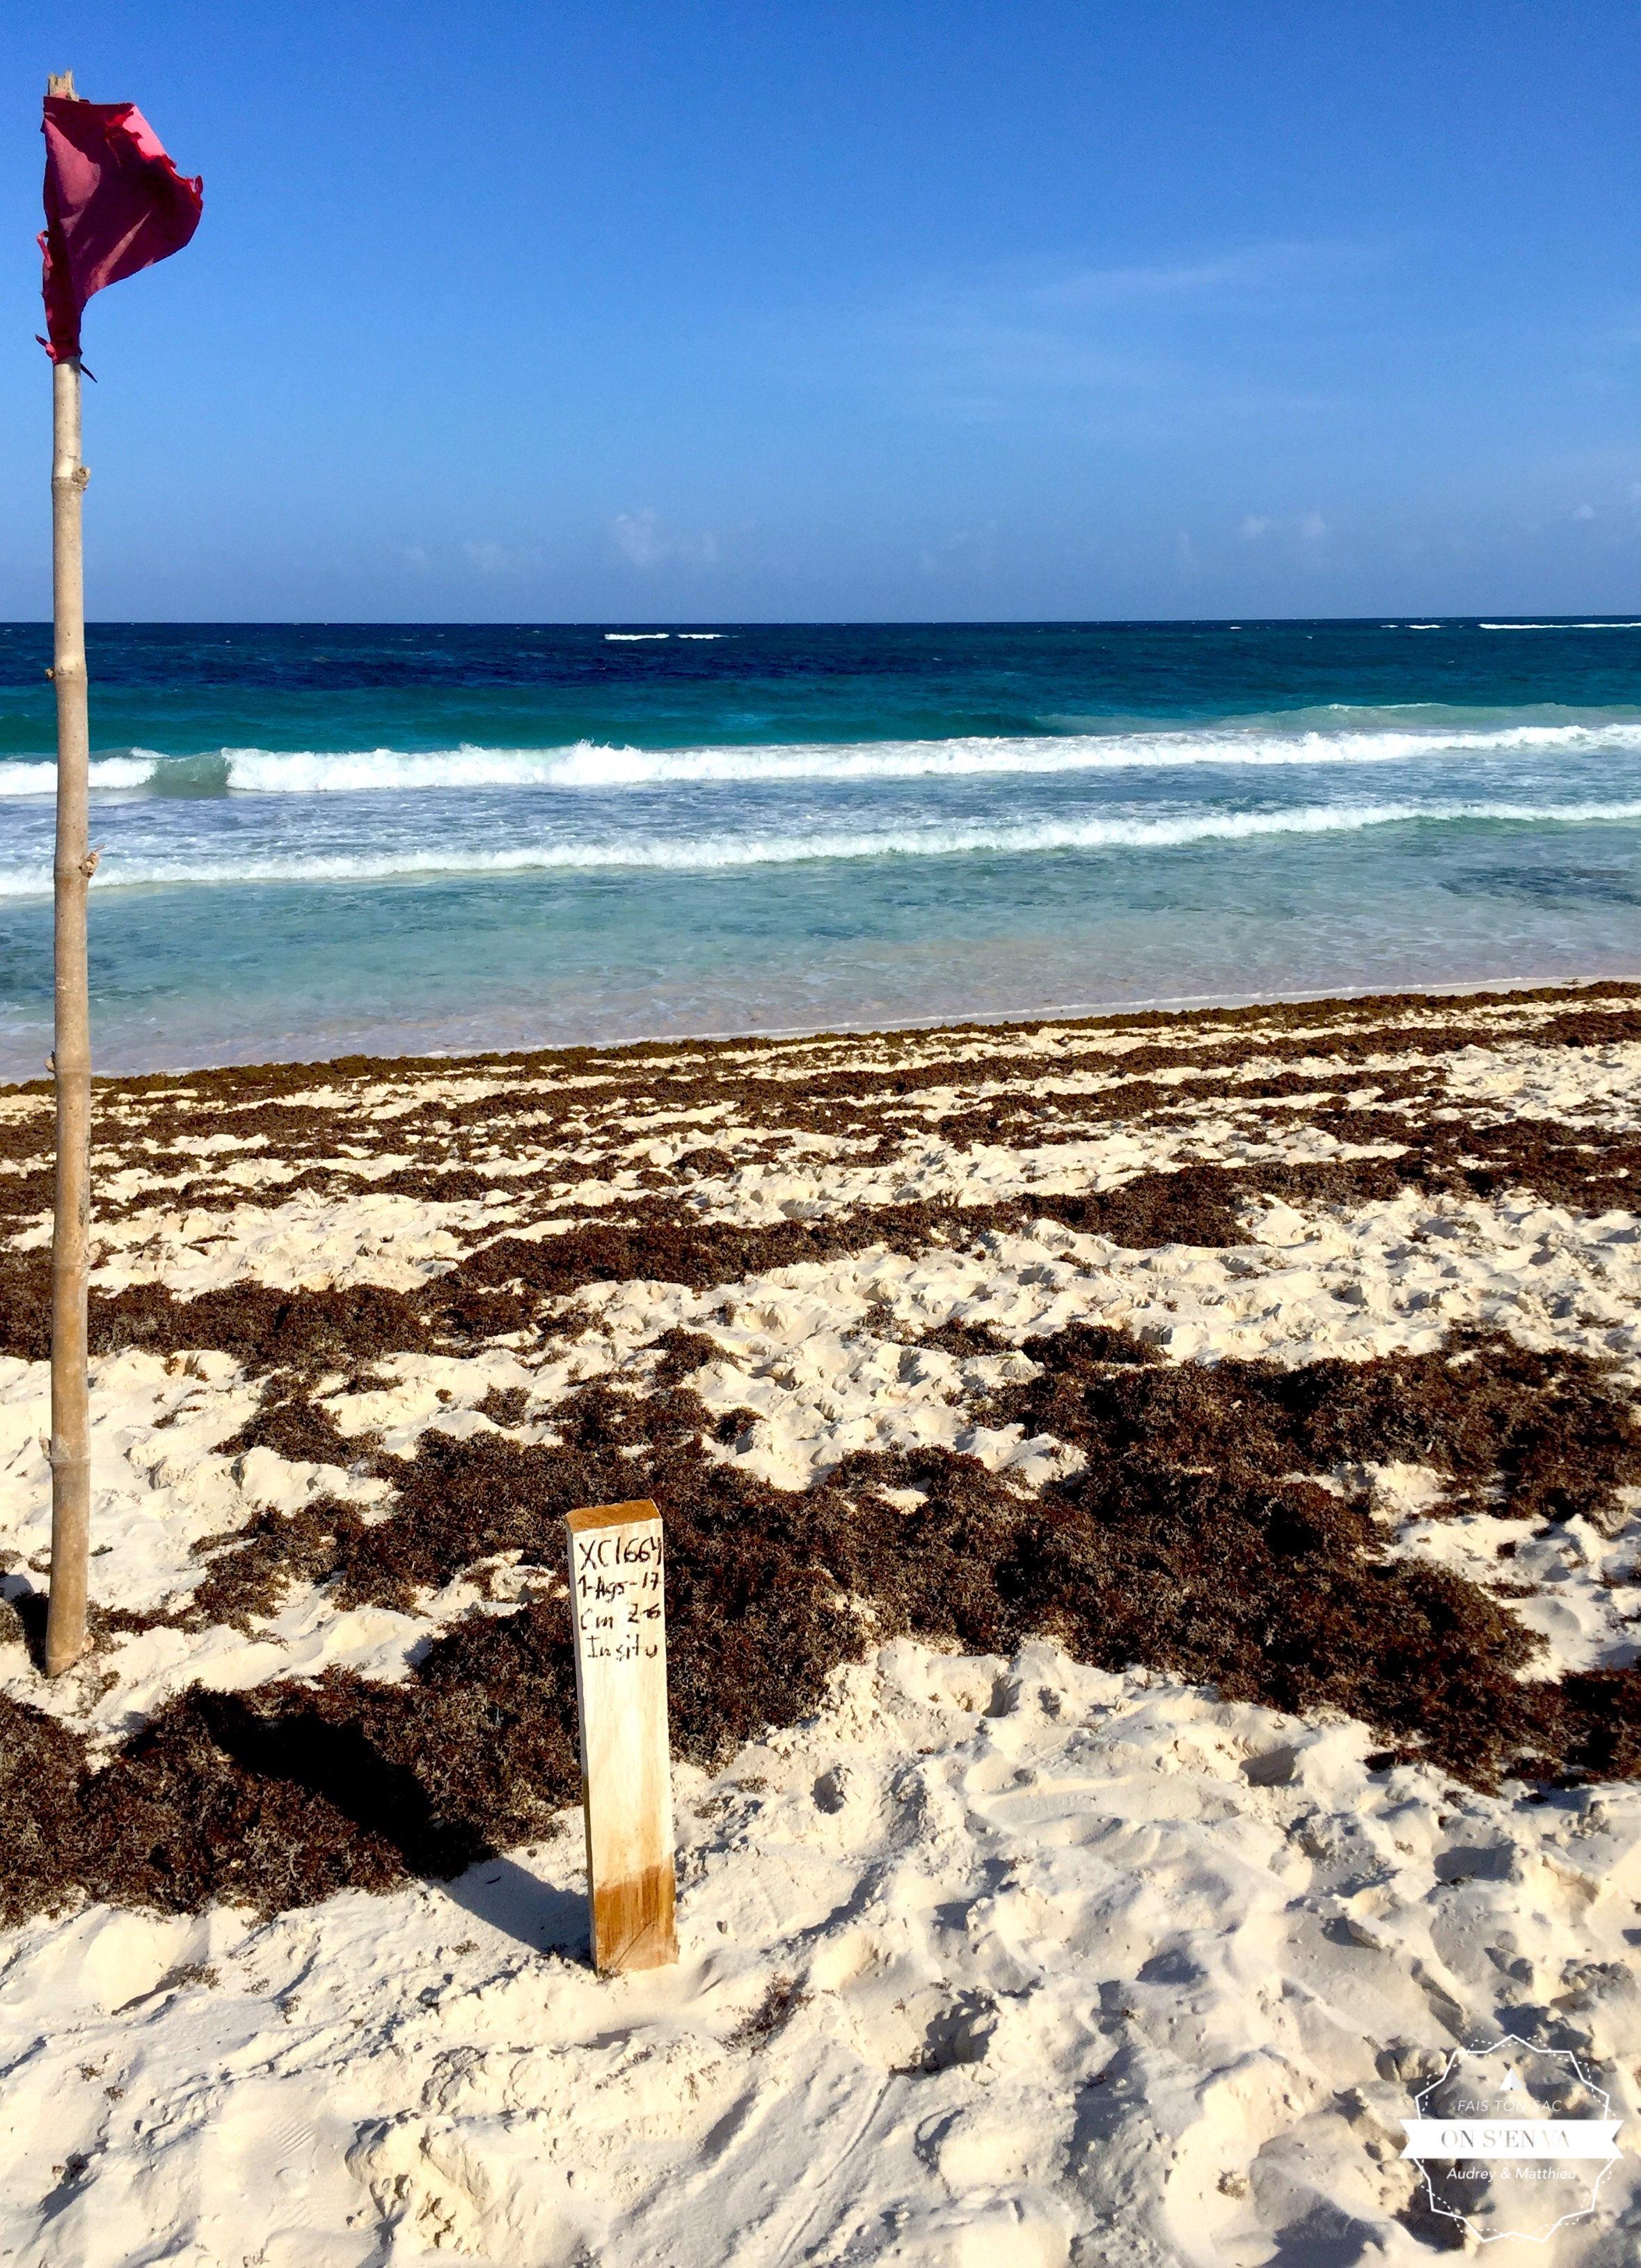 Xcacel, la plage aux tortues